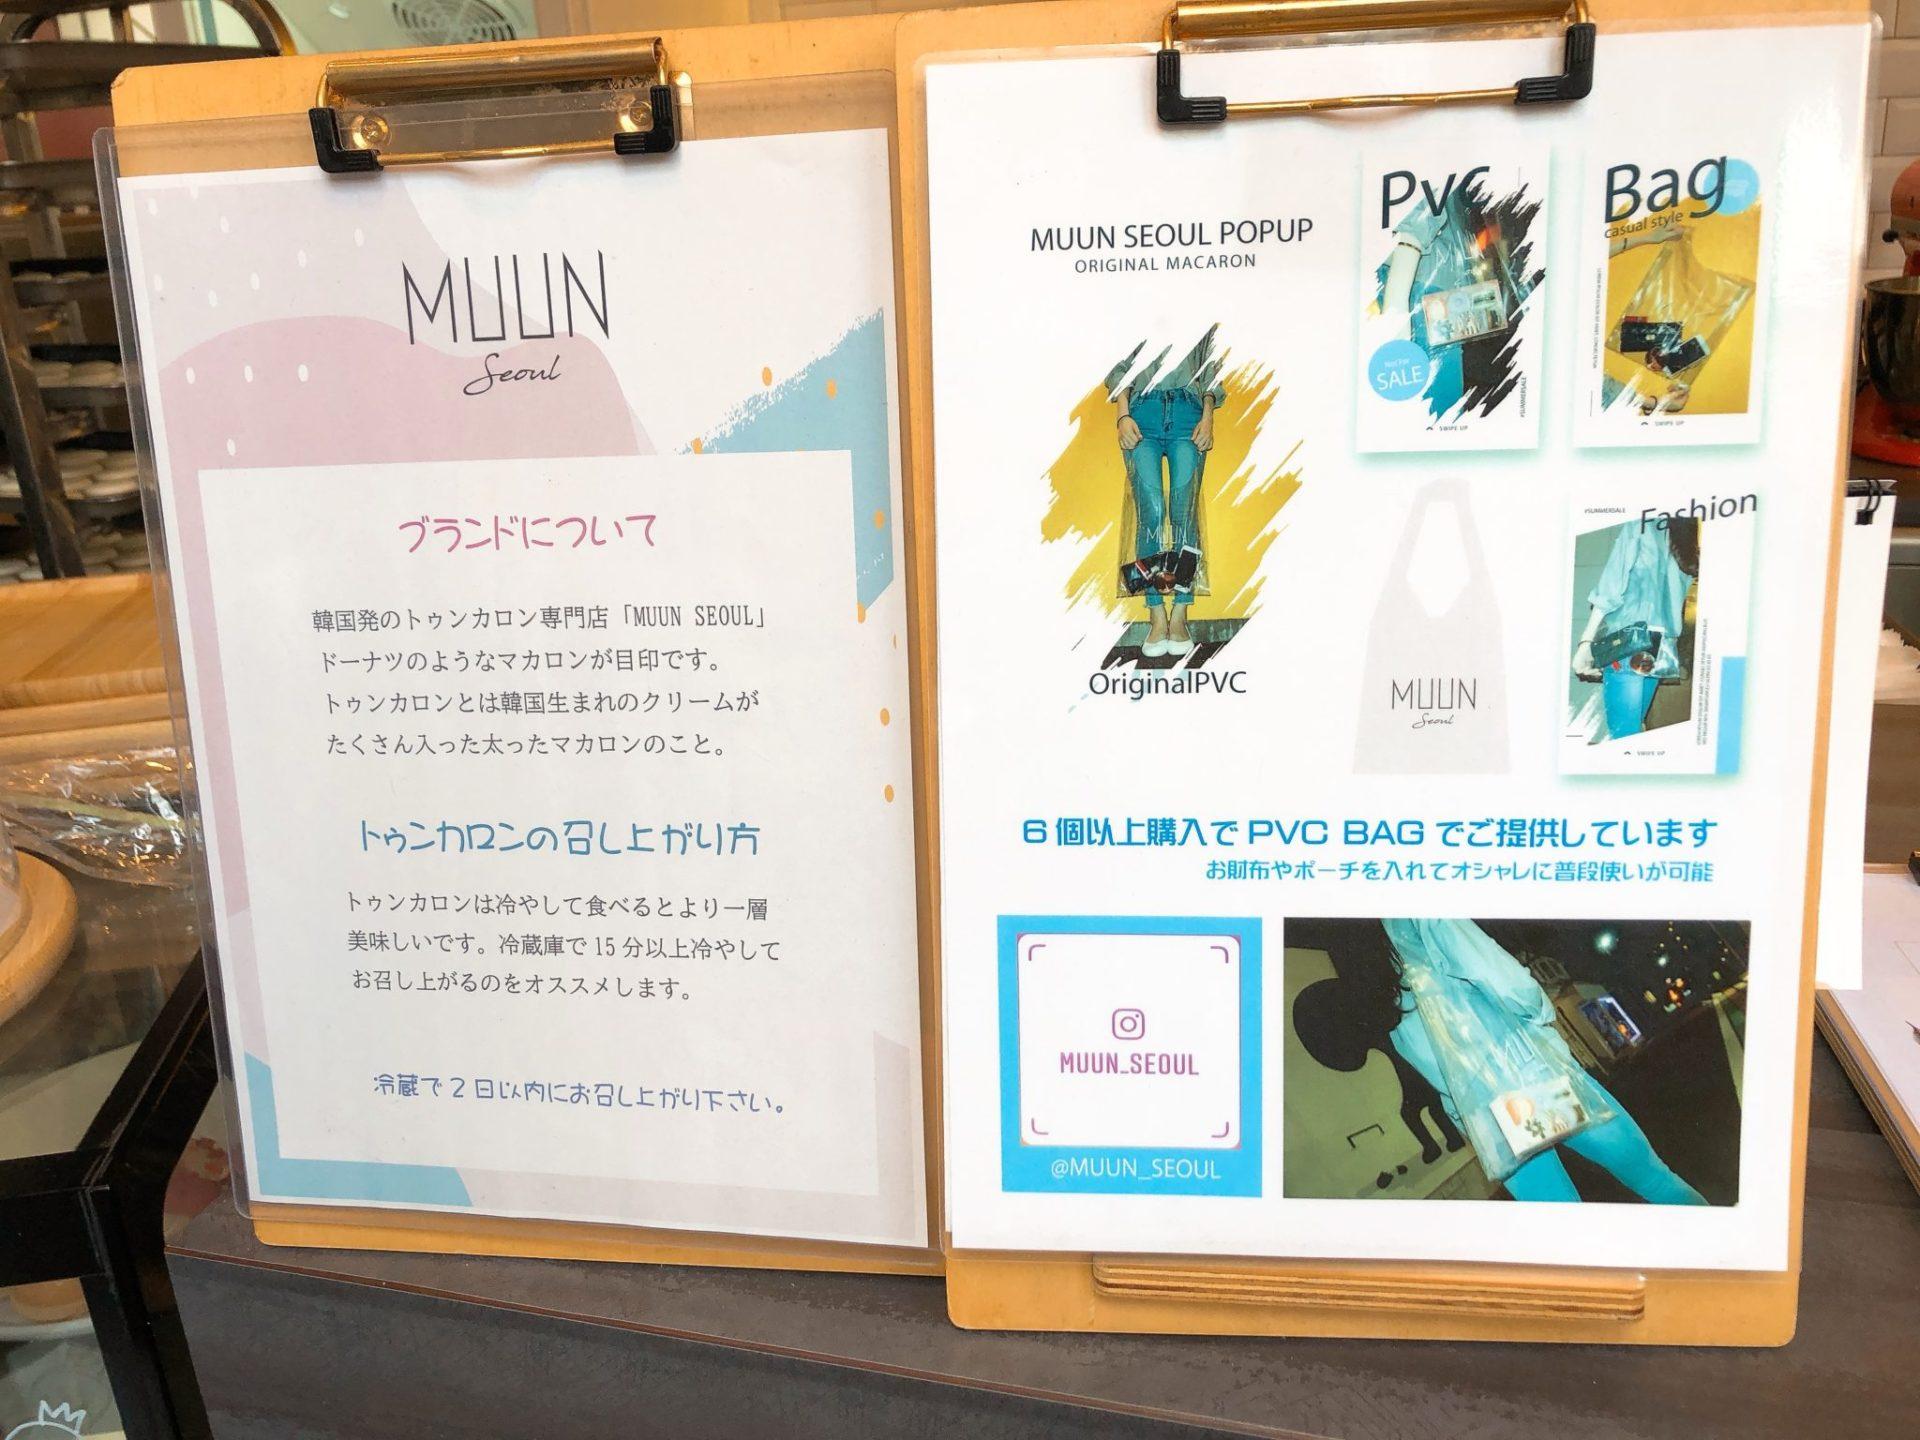 MUUN Seoul(ムーンソウル)原宿の韓国マカロン(トゥンカロン)のブランドについて